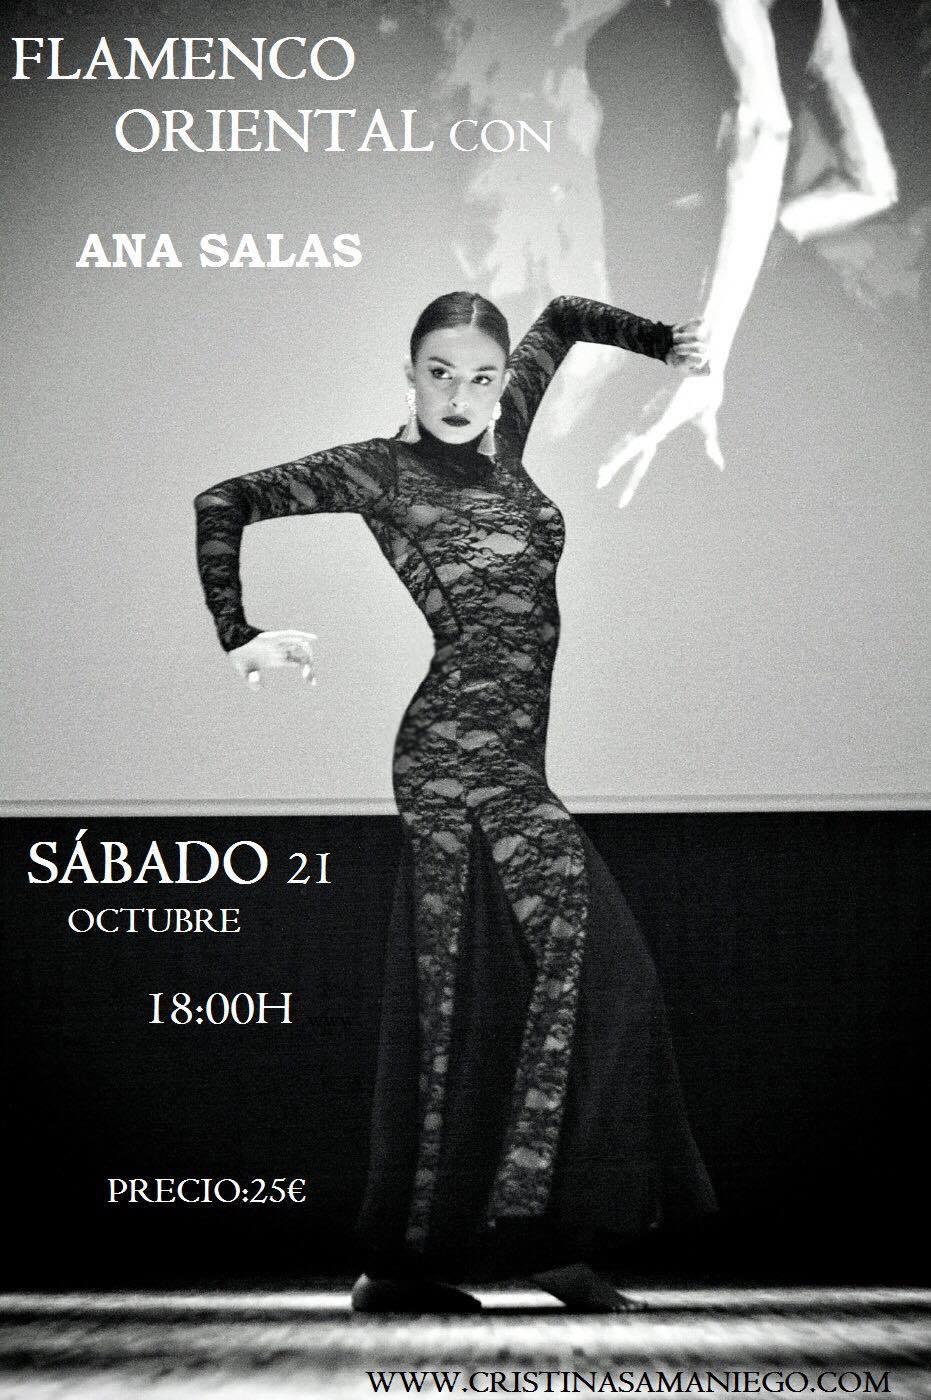 Taller de Flamenco Oriental con Ana Salas el 21 de Octubre